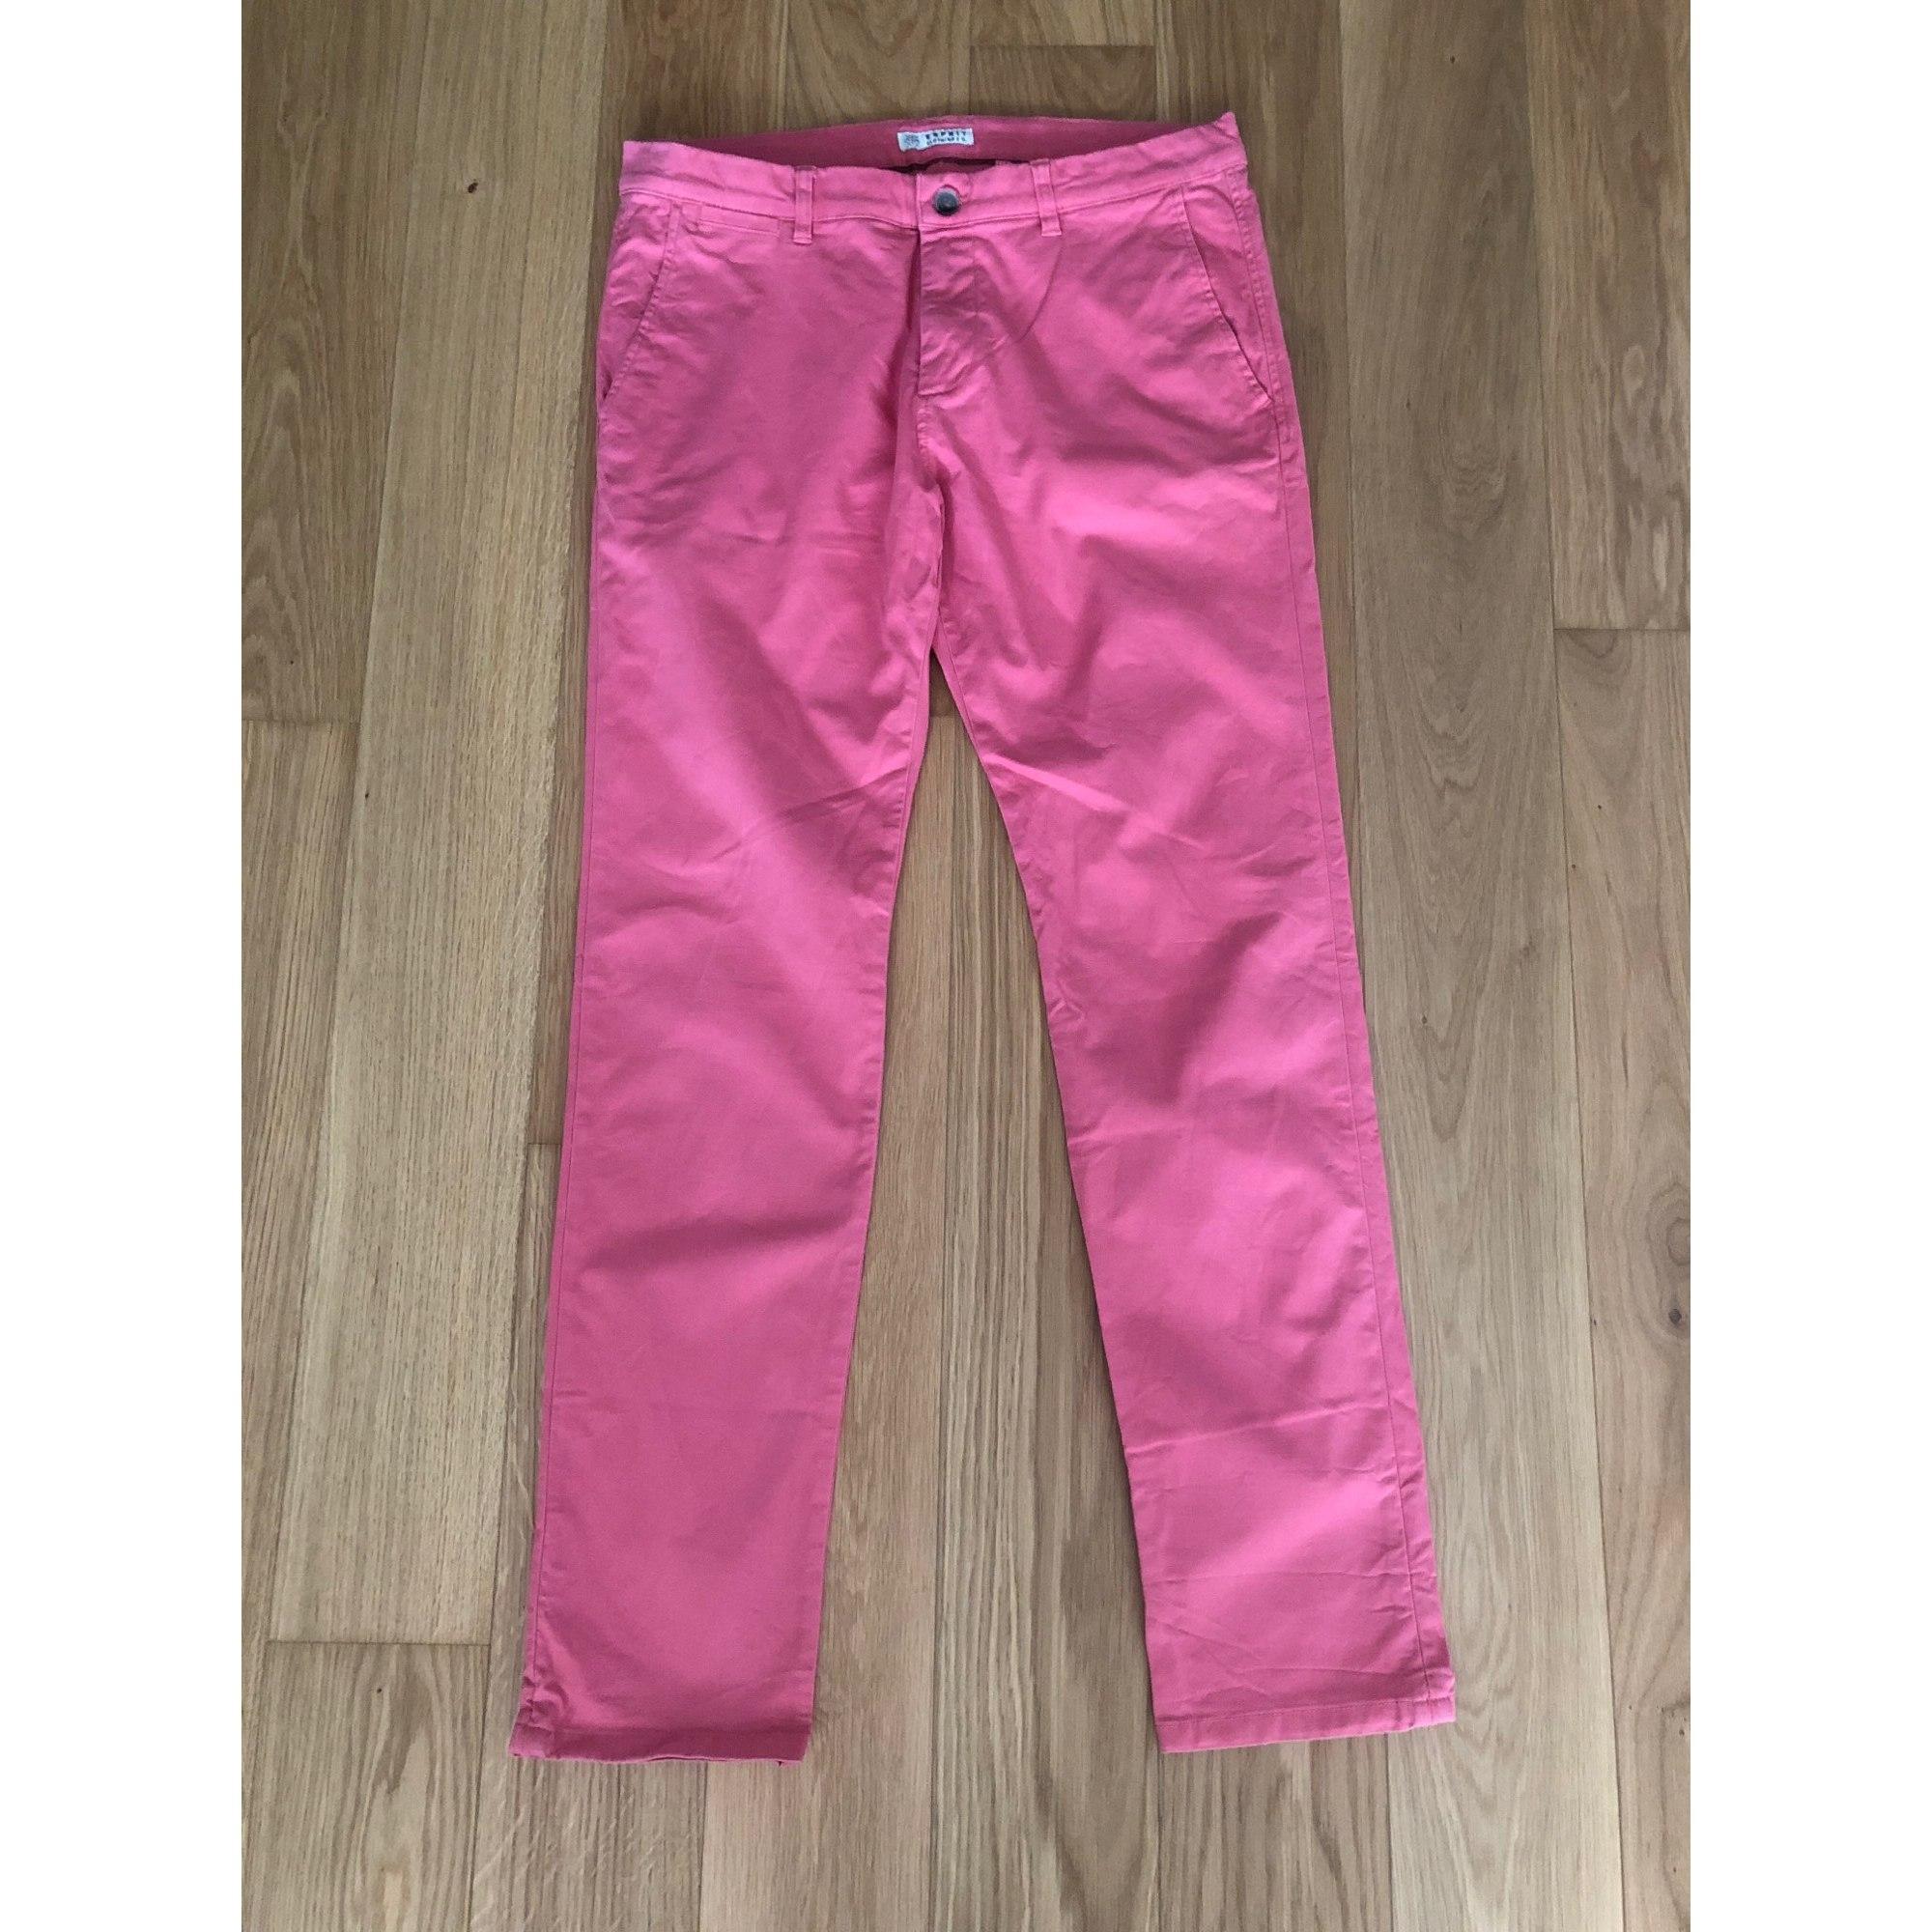 Pantalon droit ESPRIT Rose, fuschia, vieux rose